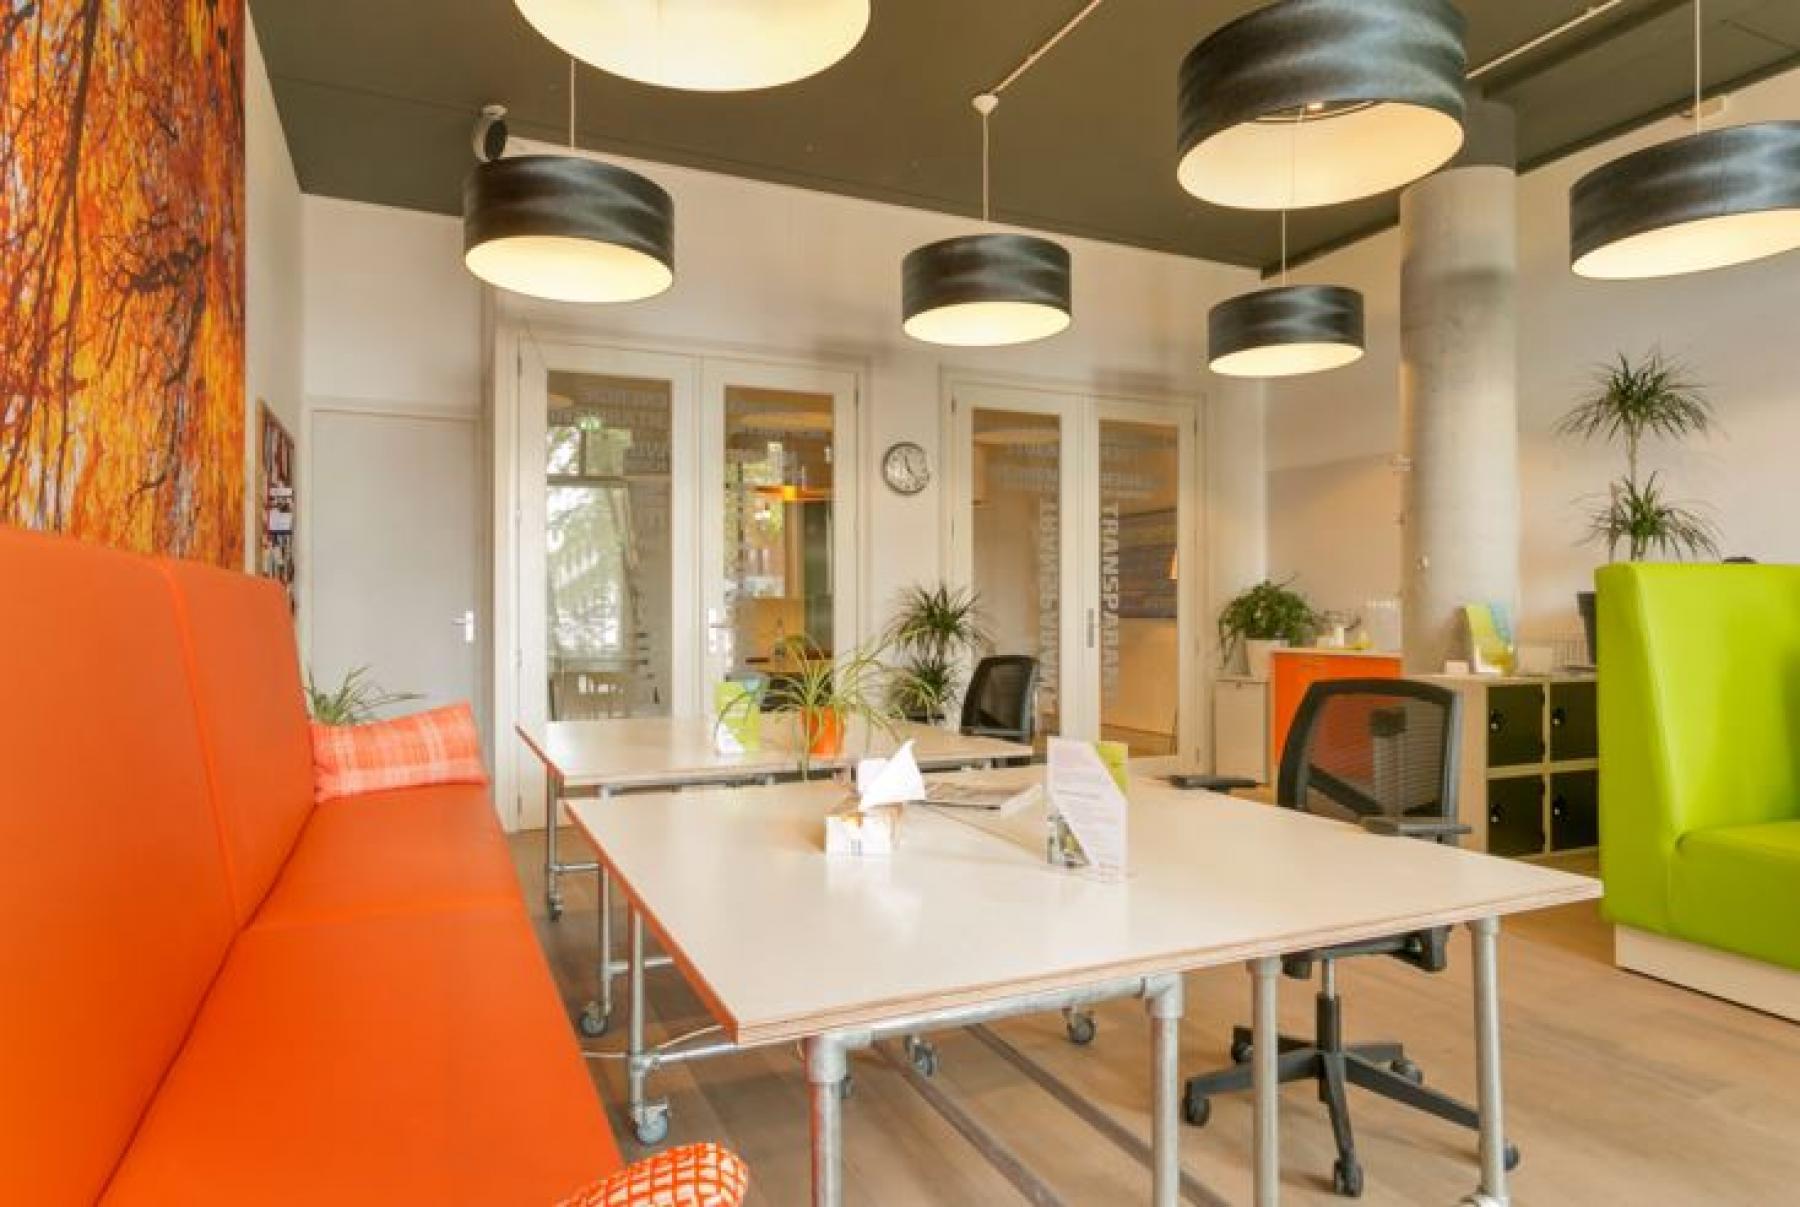 algemene open werkruimte loungebanken oranje tafels werkplekken zeist